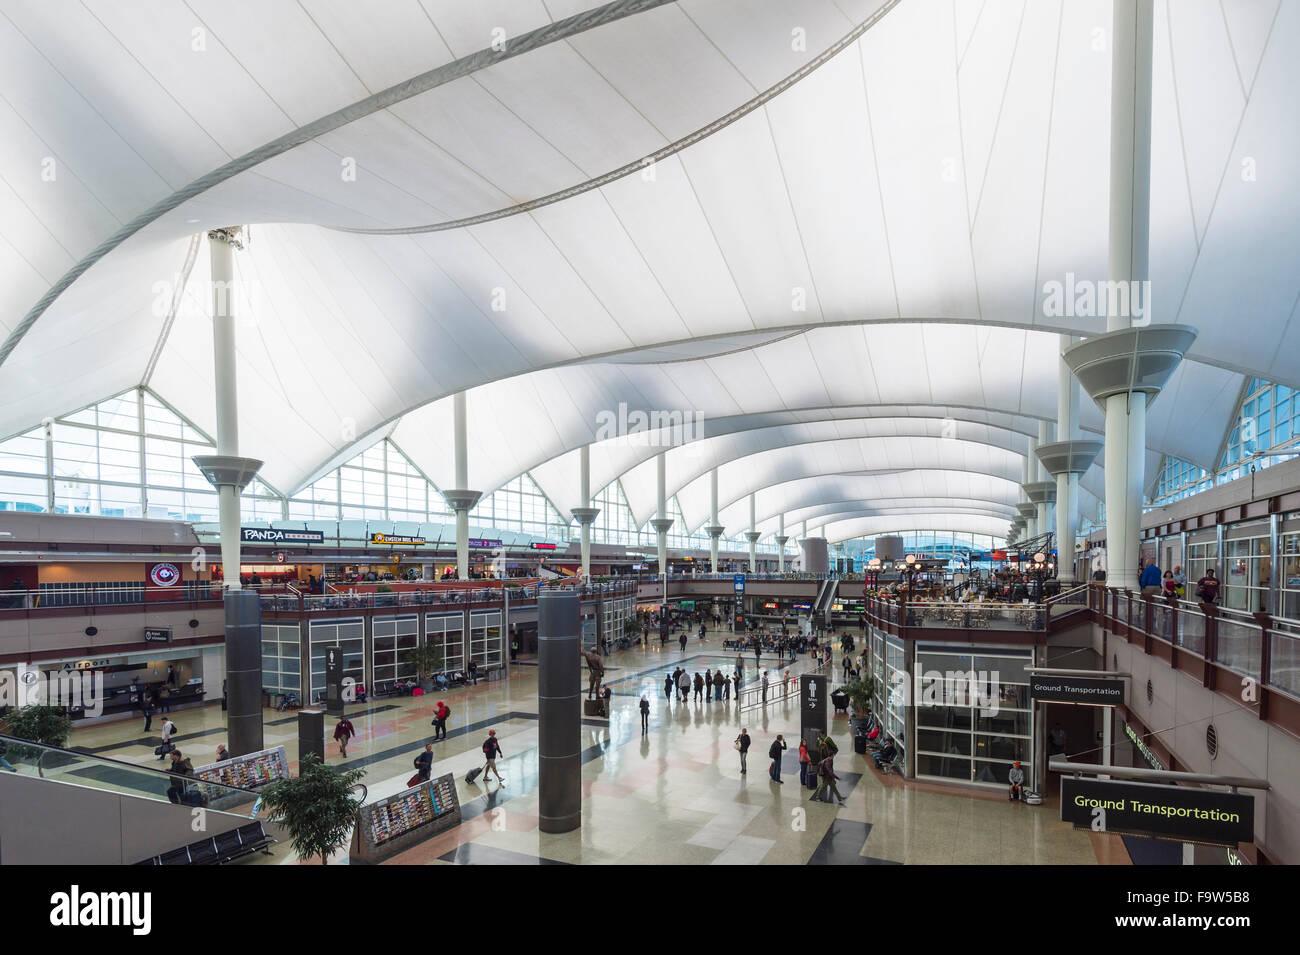 Denver Airport, Colorado USA   Stock Image